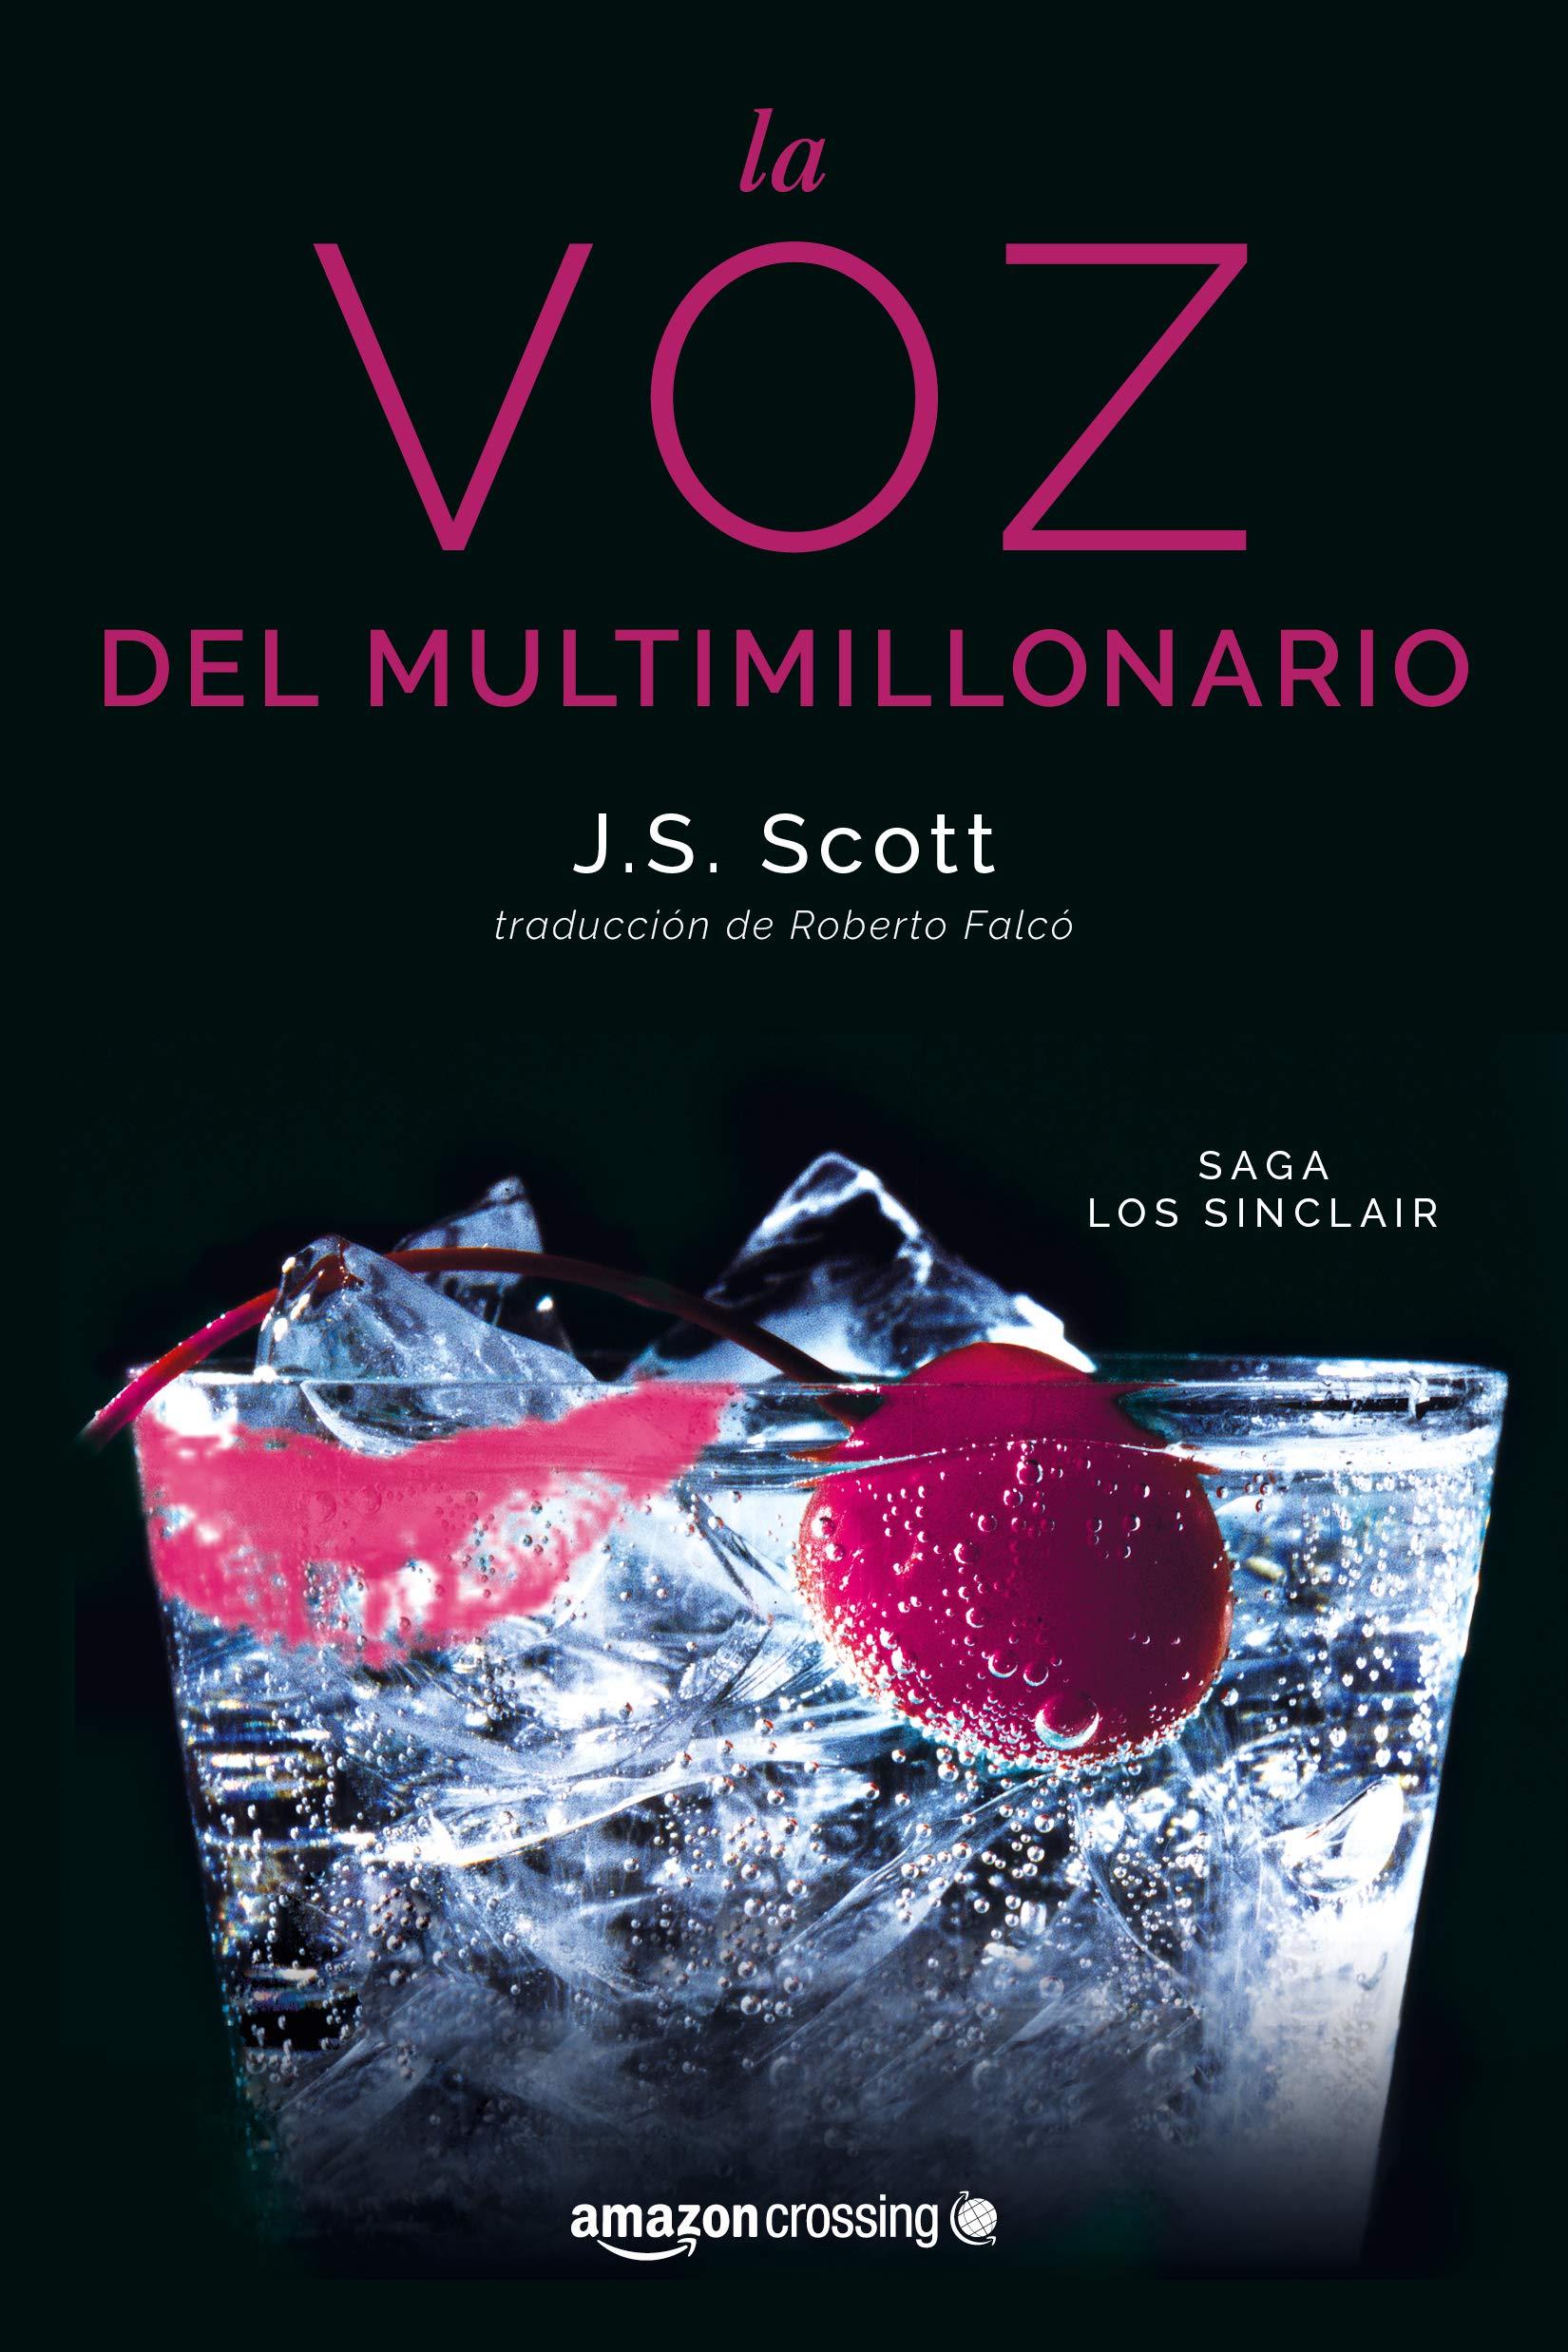 La voz del multimillonario (Los Sinclair): Amazon.es: J. S. Scott, Roberto  Falcó Miramontes: Libros